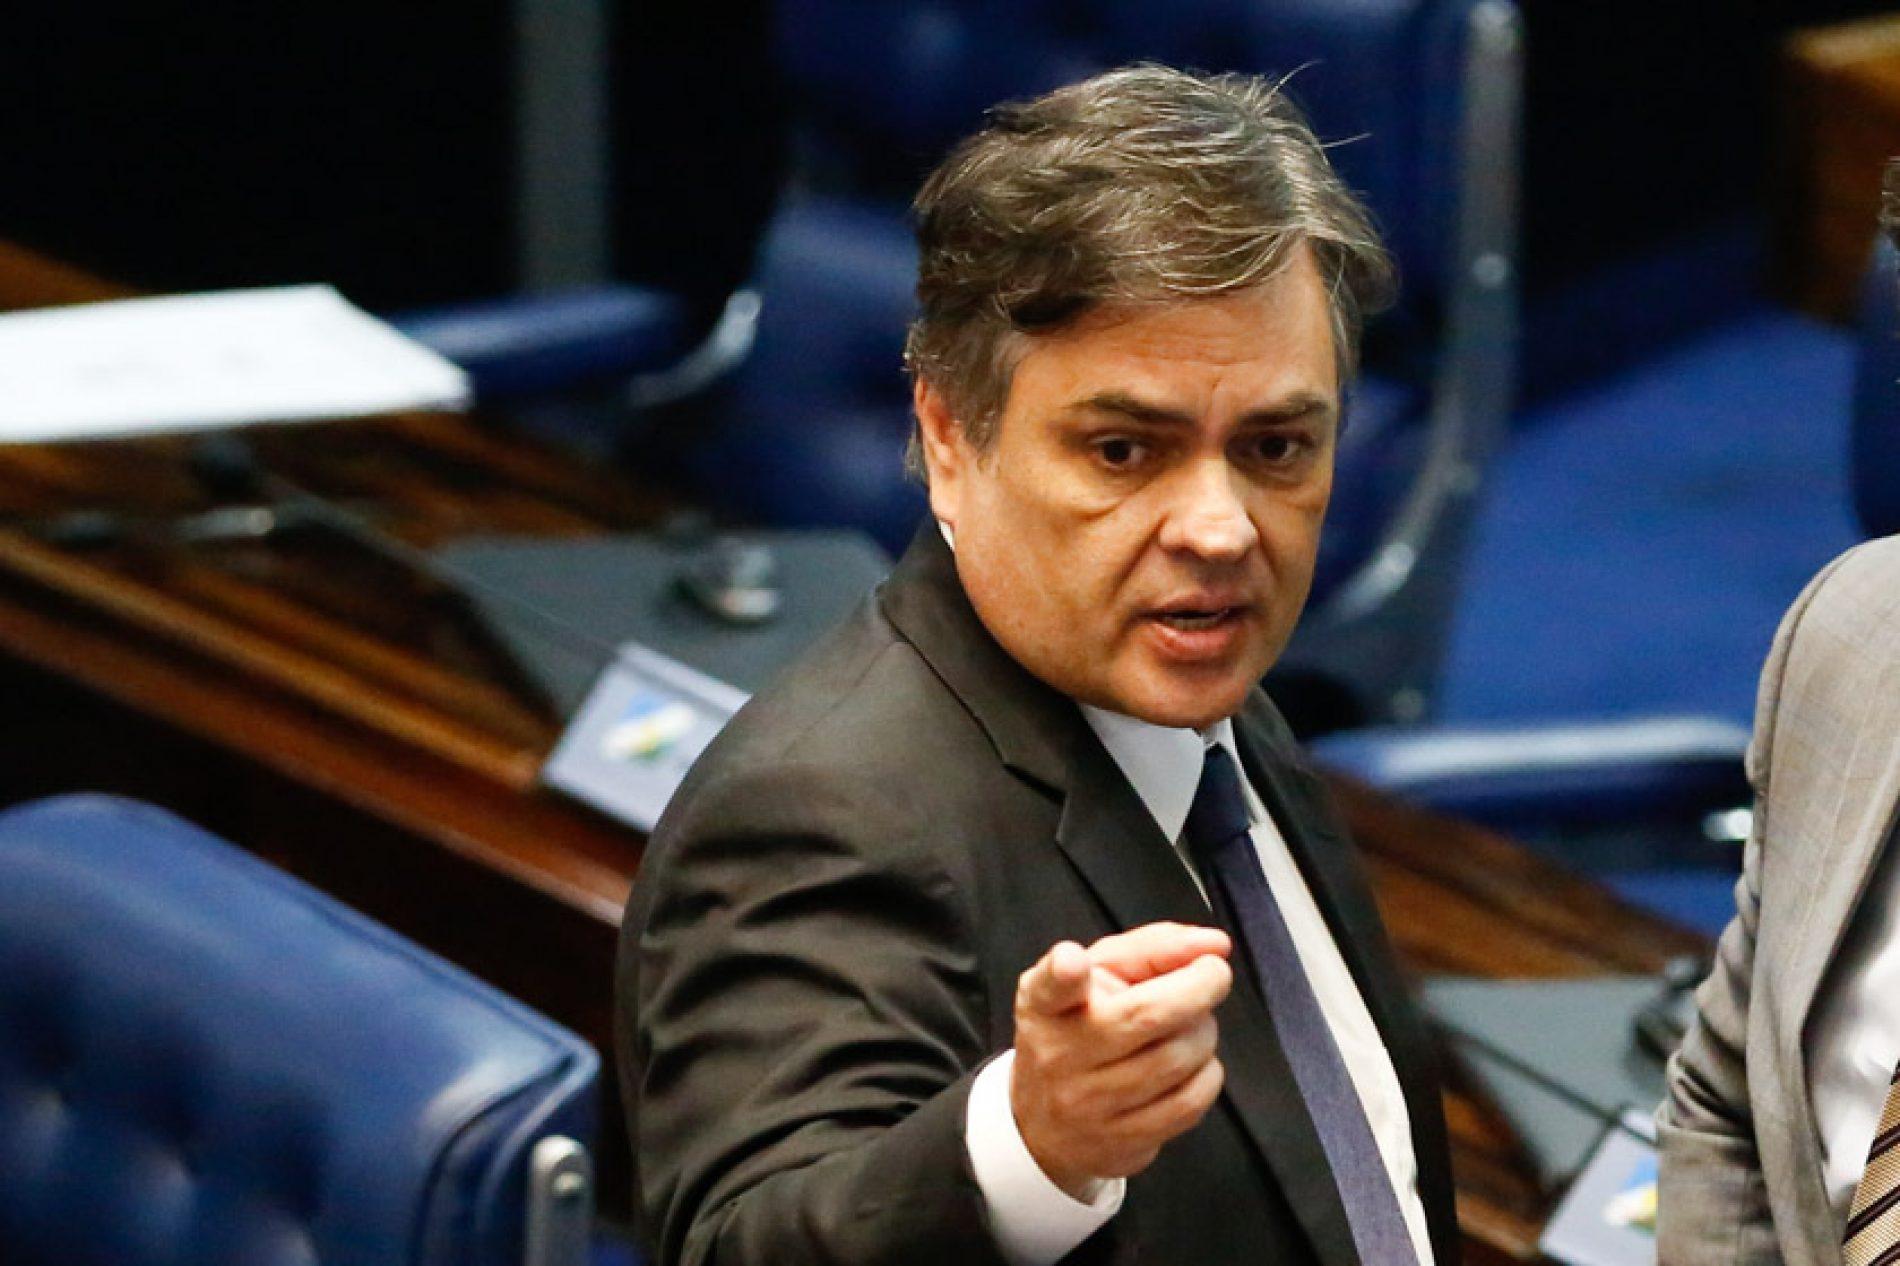 Acordo analisa urgência hoje e vai votar reforma trabalhista no dia 11